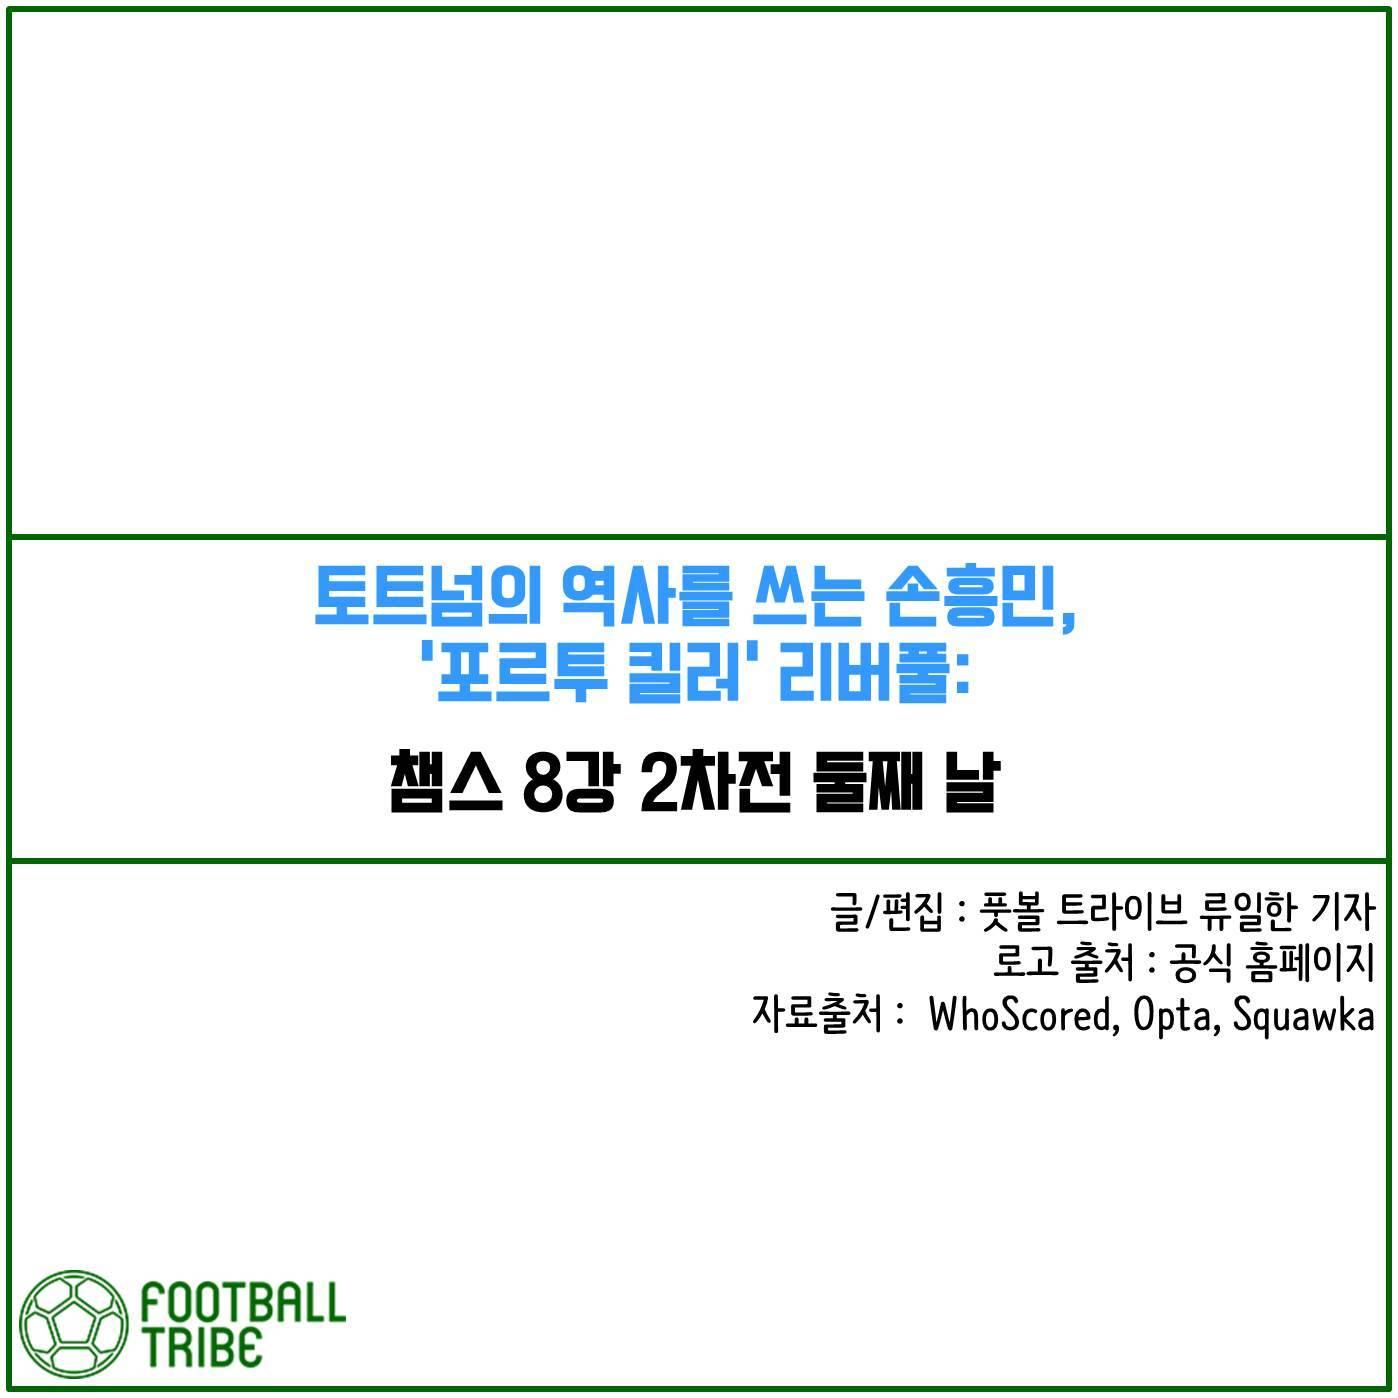 [카드 뉴스] 챔스 8강 2차전 둘째 날 이모저모